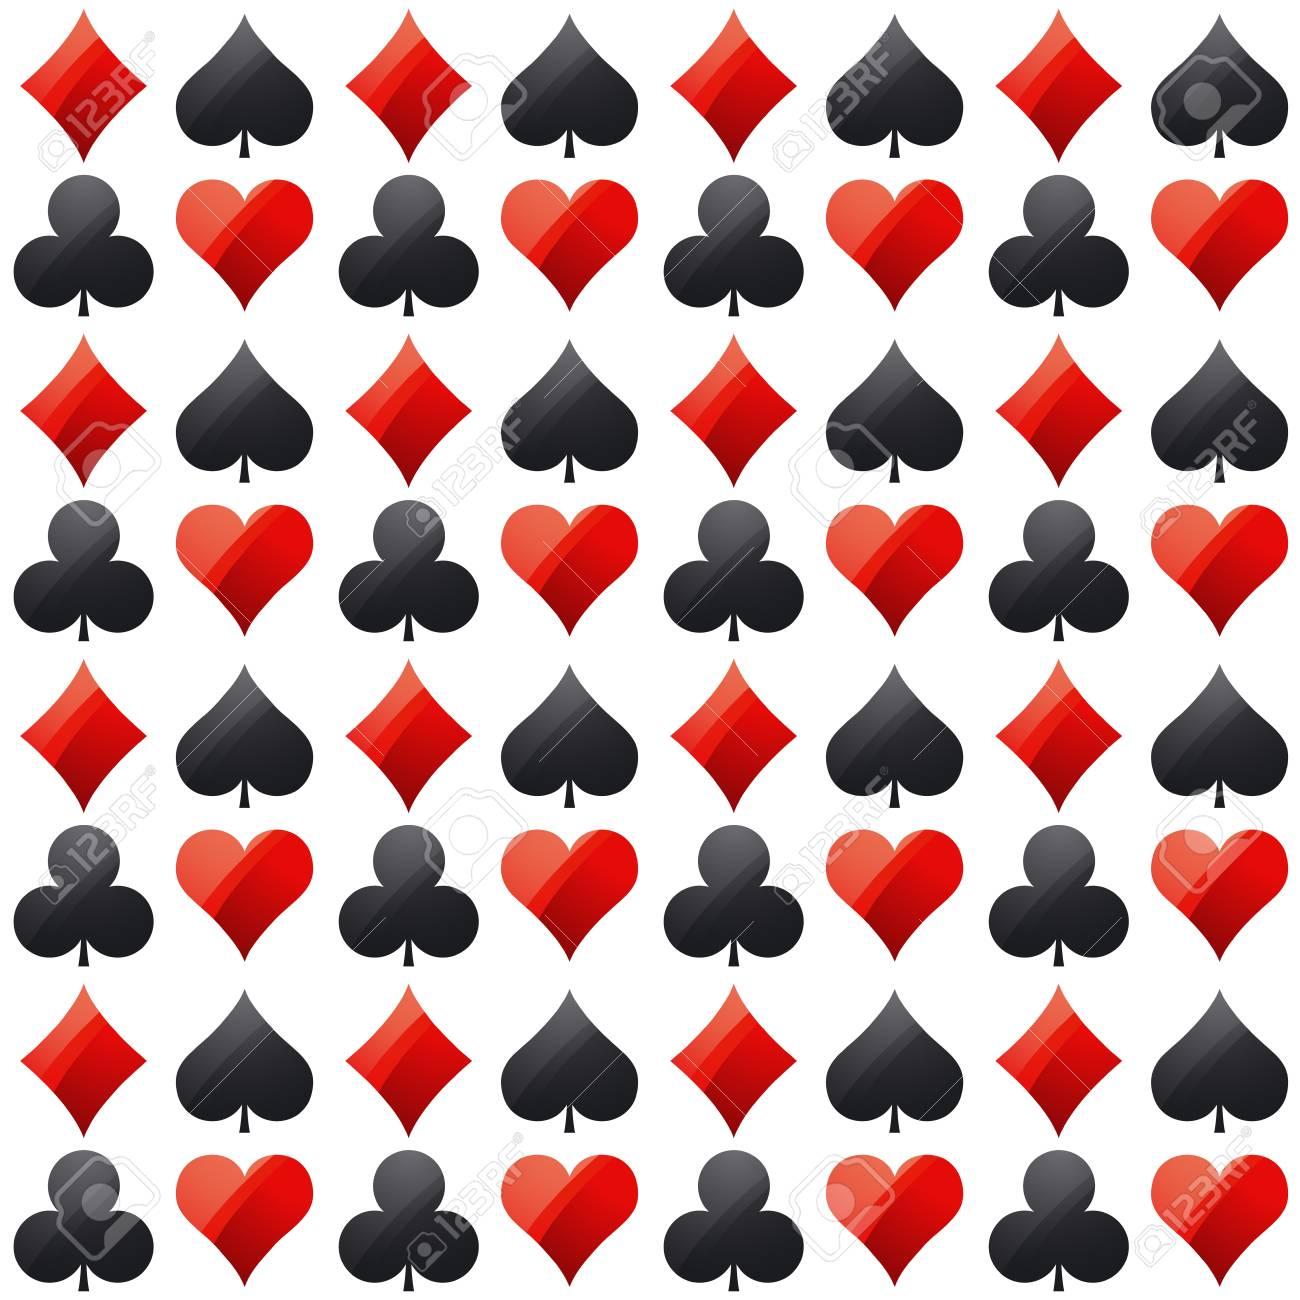 Poker De Juego Del Casino Con Simbolos Rojos Y Negros Ilustracion